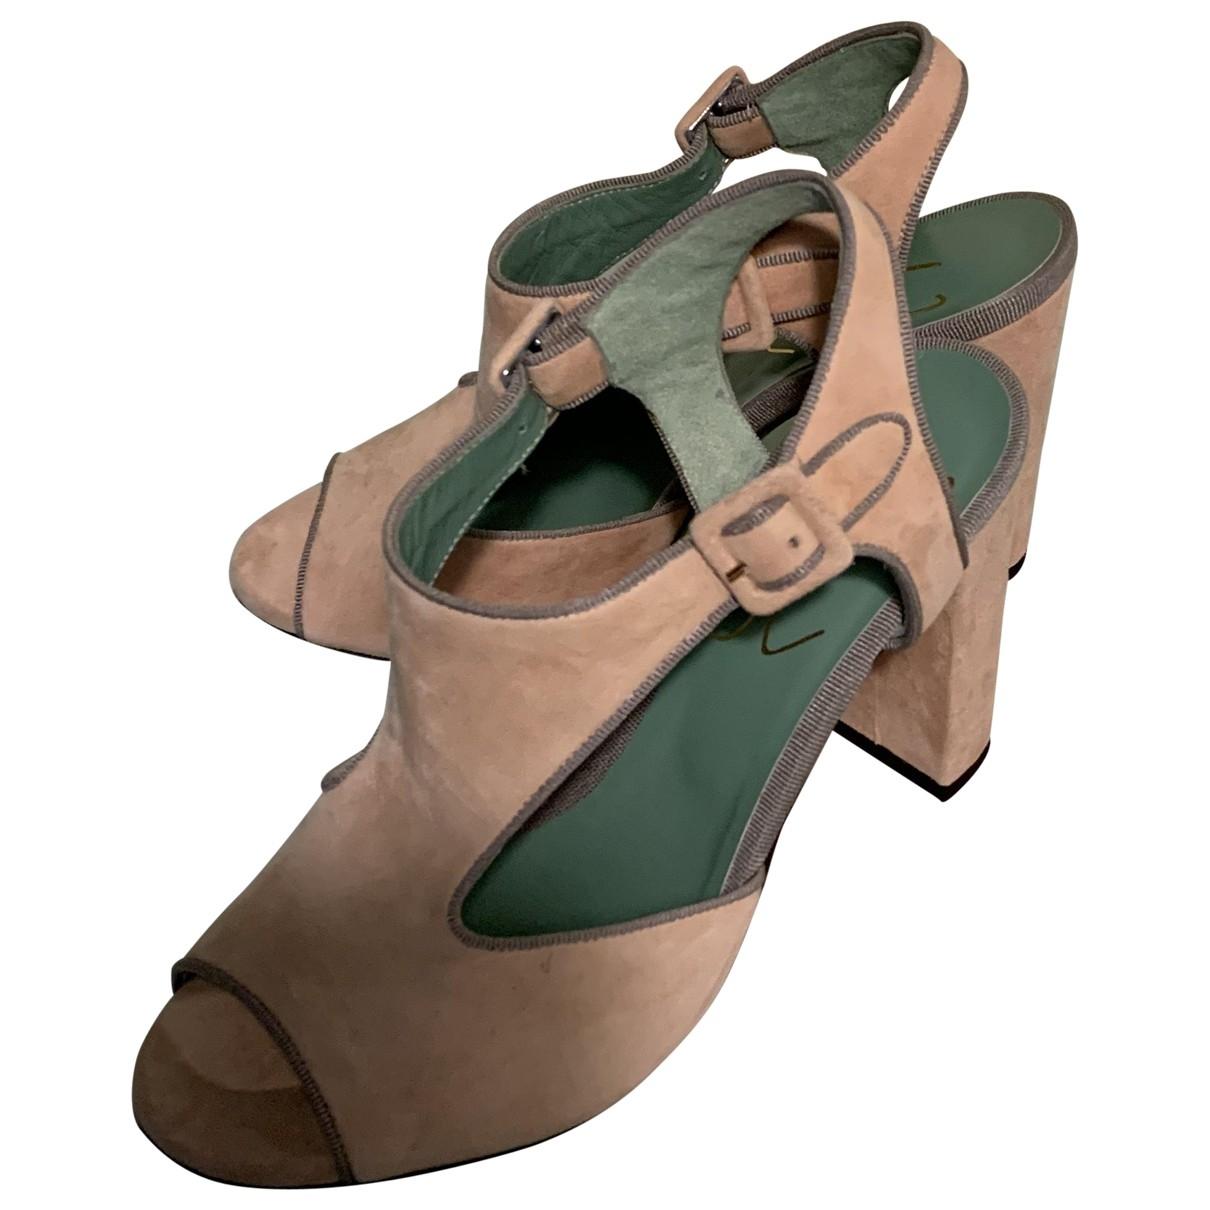 Sandalias de Terciopelo Paola Darcano